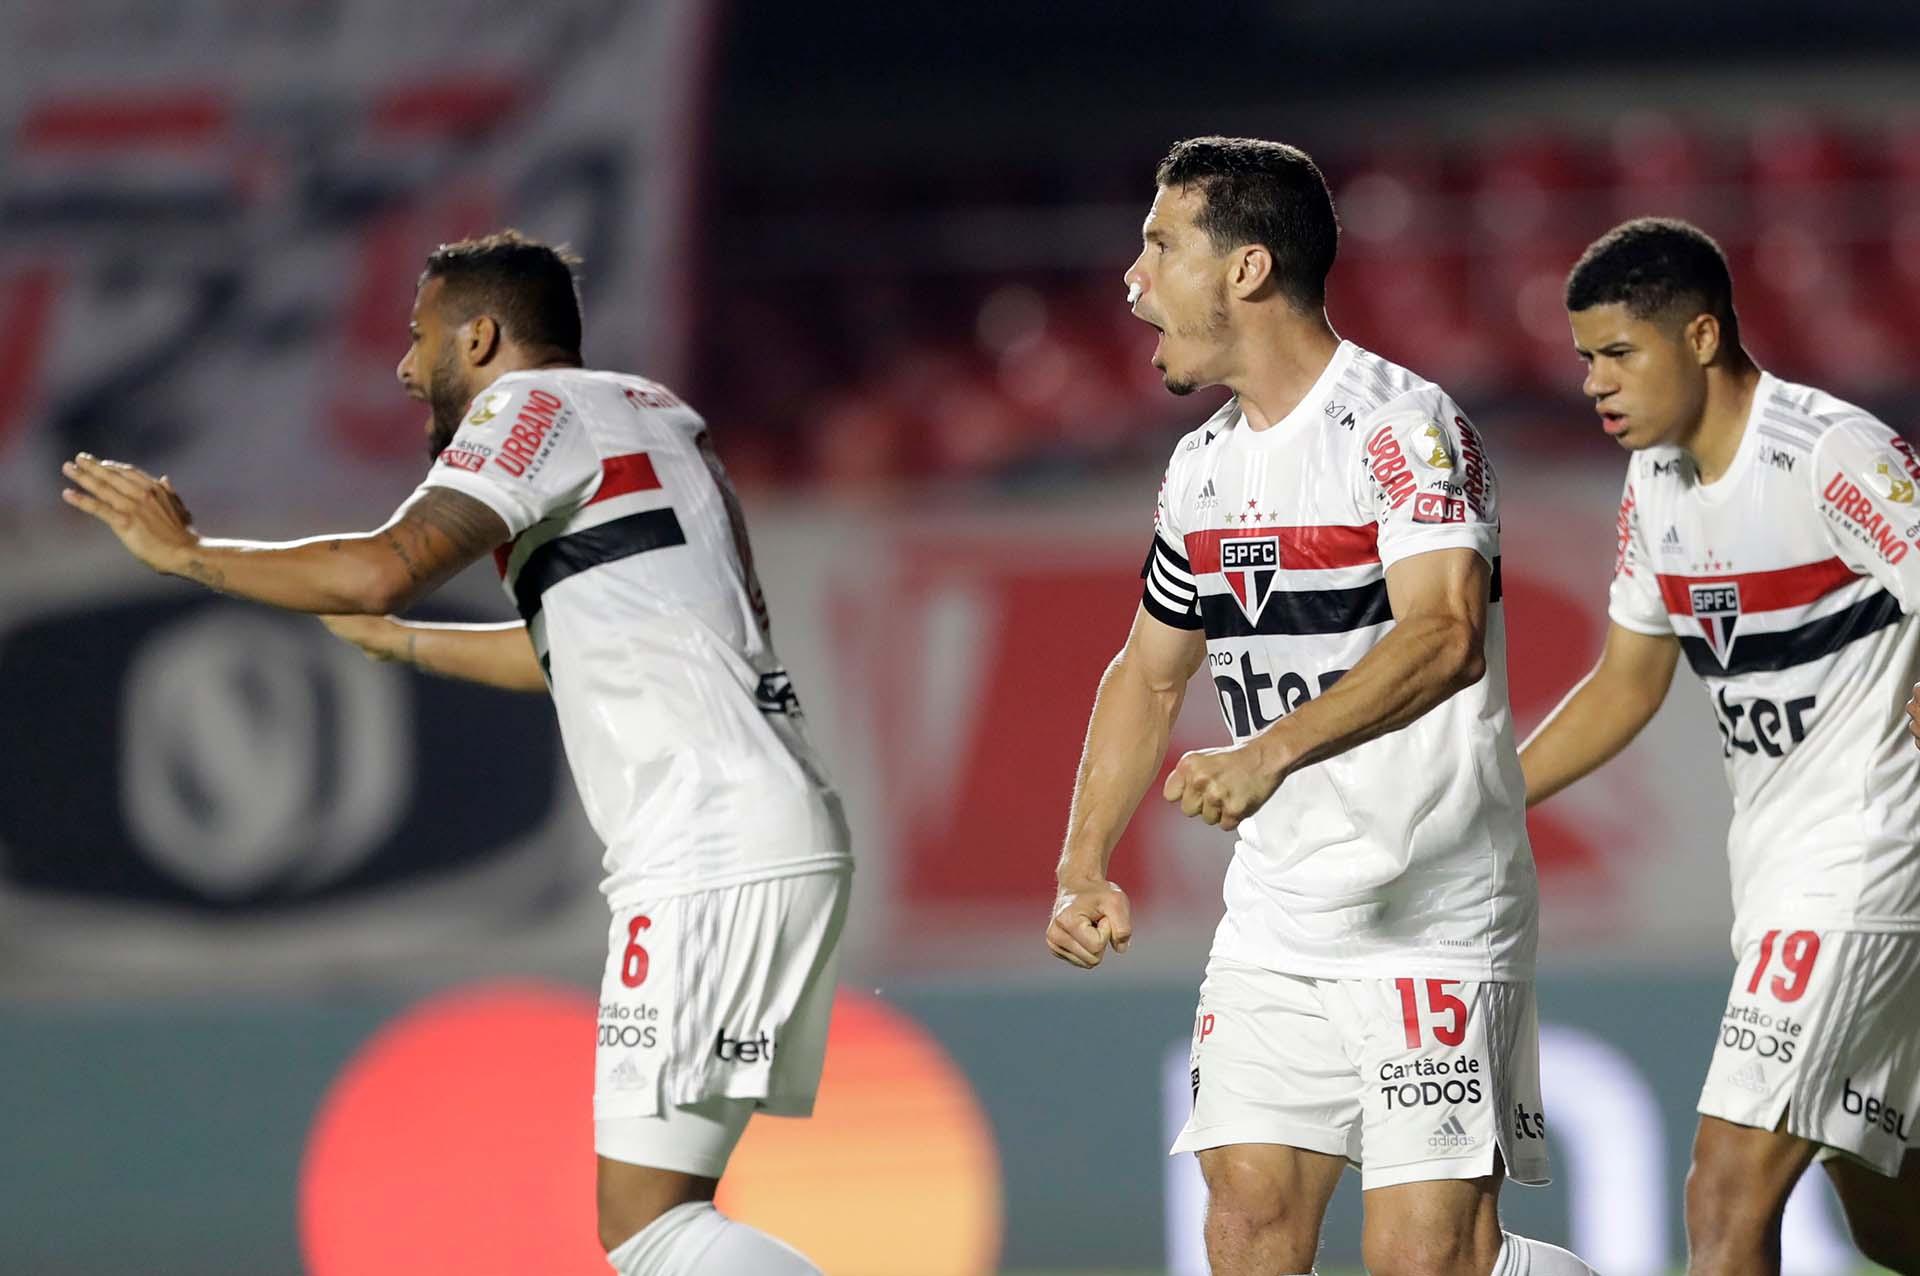 Los paulistas celebran el gol en contra de Angileri, cuando parecía que el triunfo quedaba para River (REUTERS/Andre Penner)